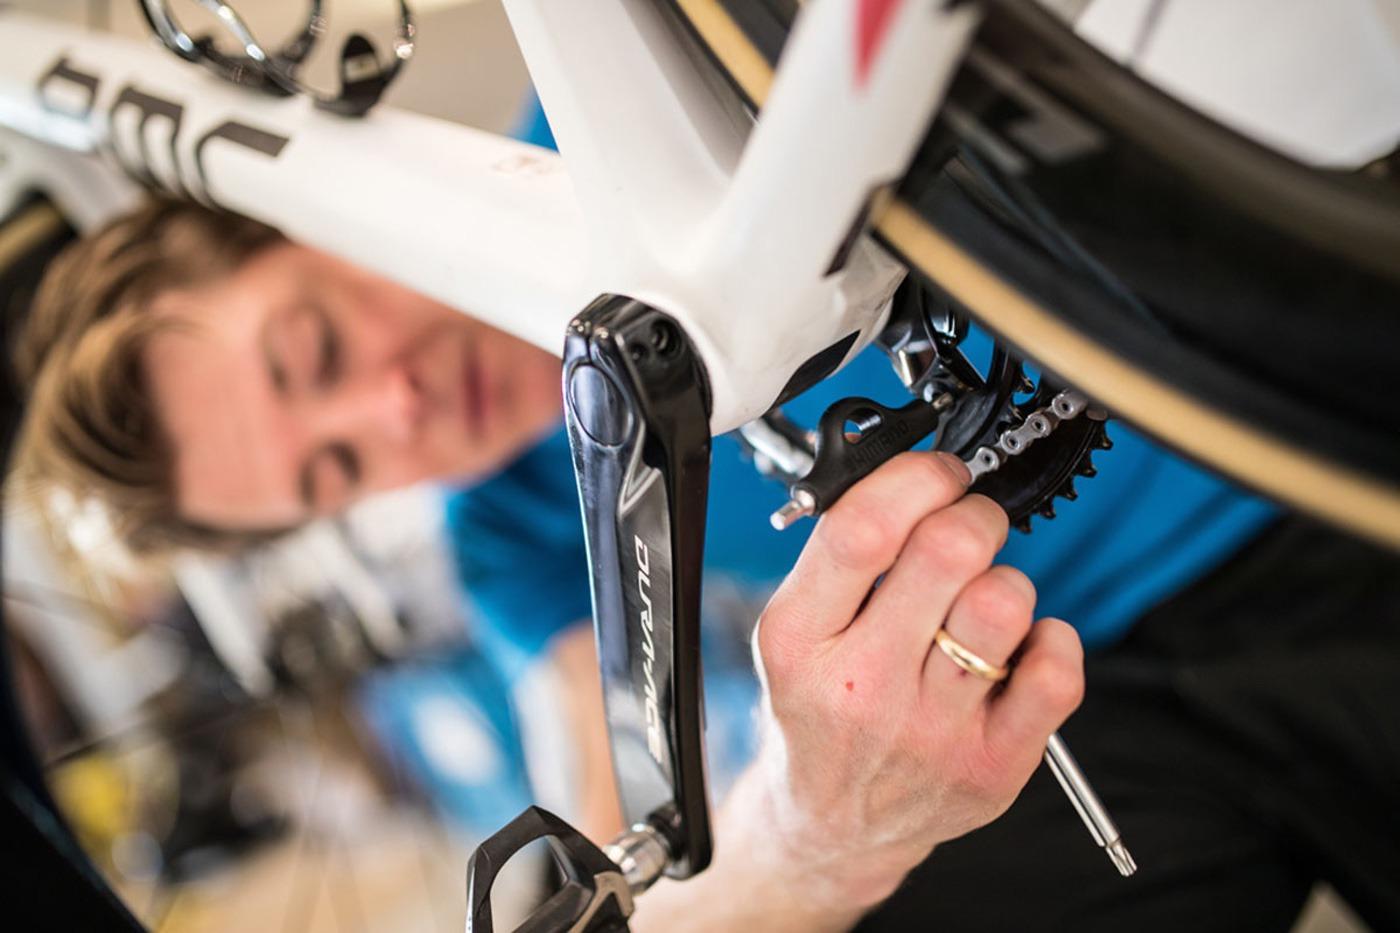 Cualificación Profesional de Mecánica y Mantenimiento de Bicicletas y Bicicletas Eléctricas - AMBE e INCUAL